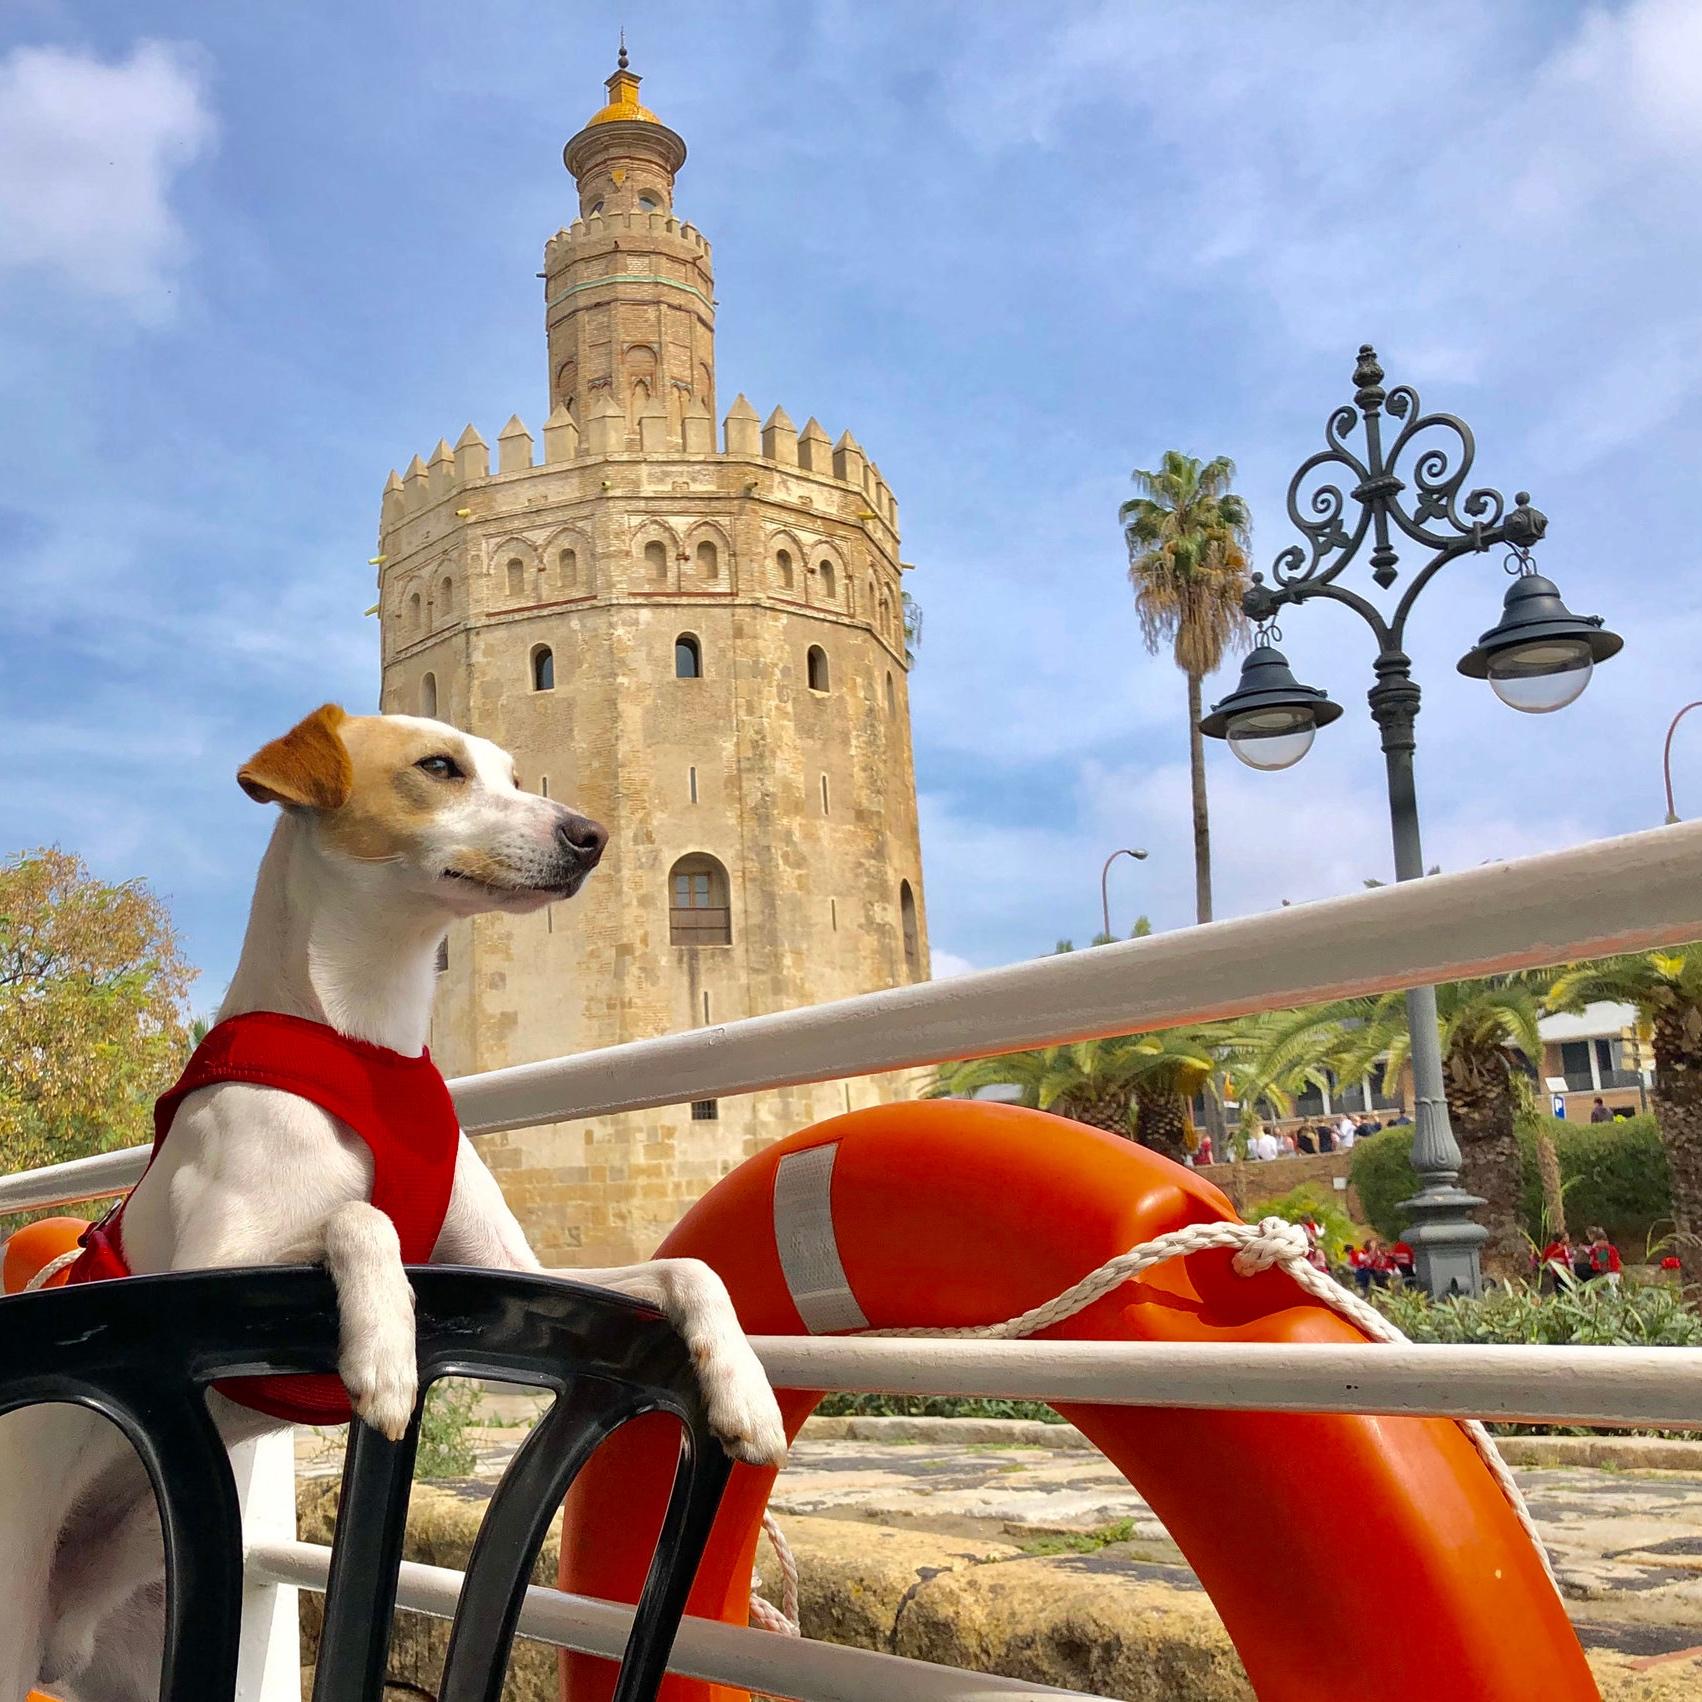 Barcos con perro en Sevilla.